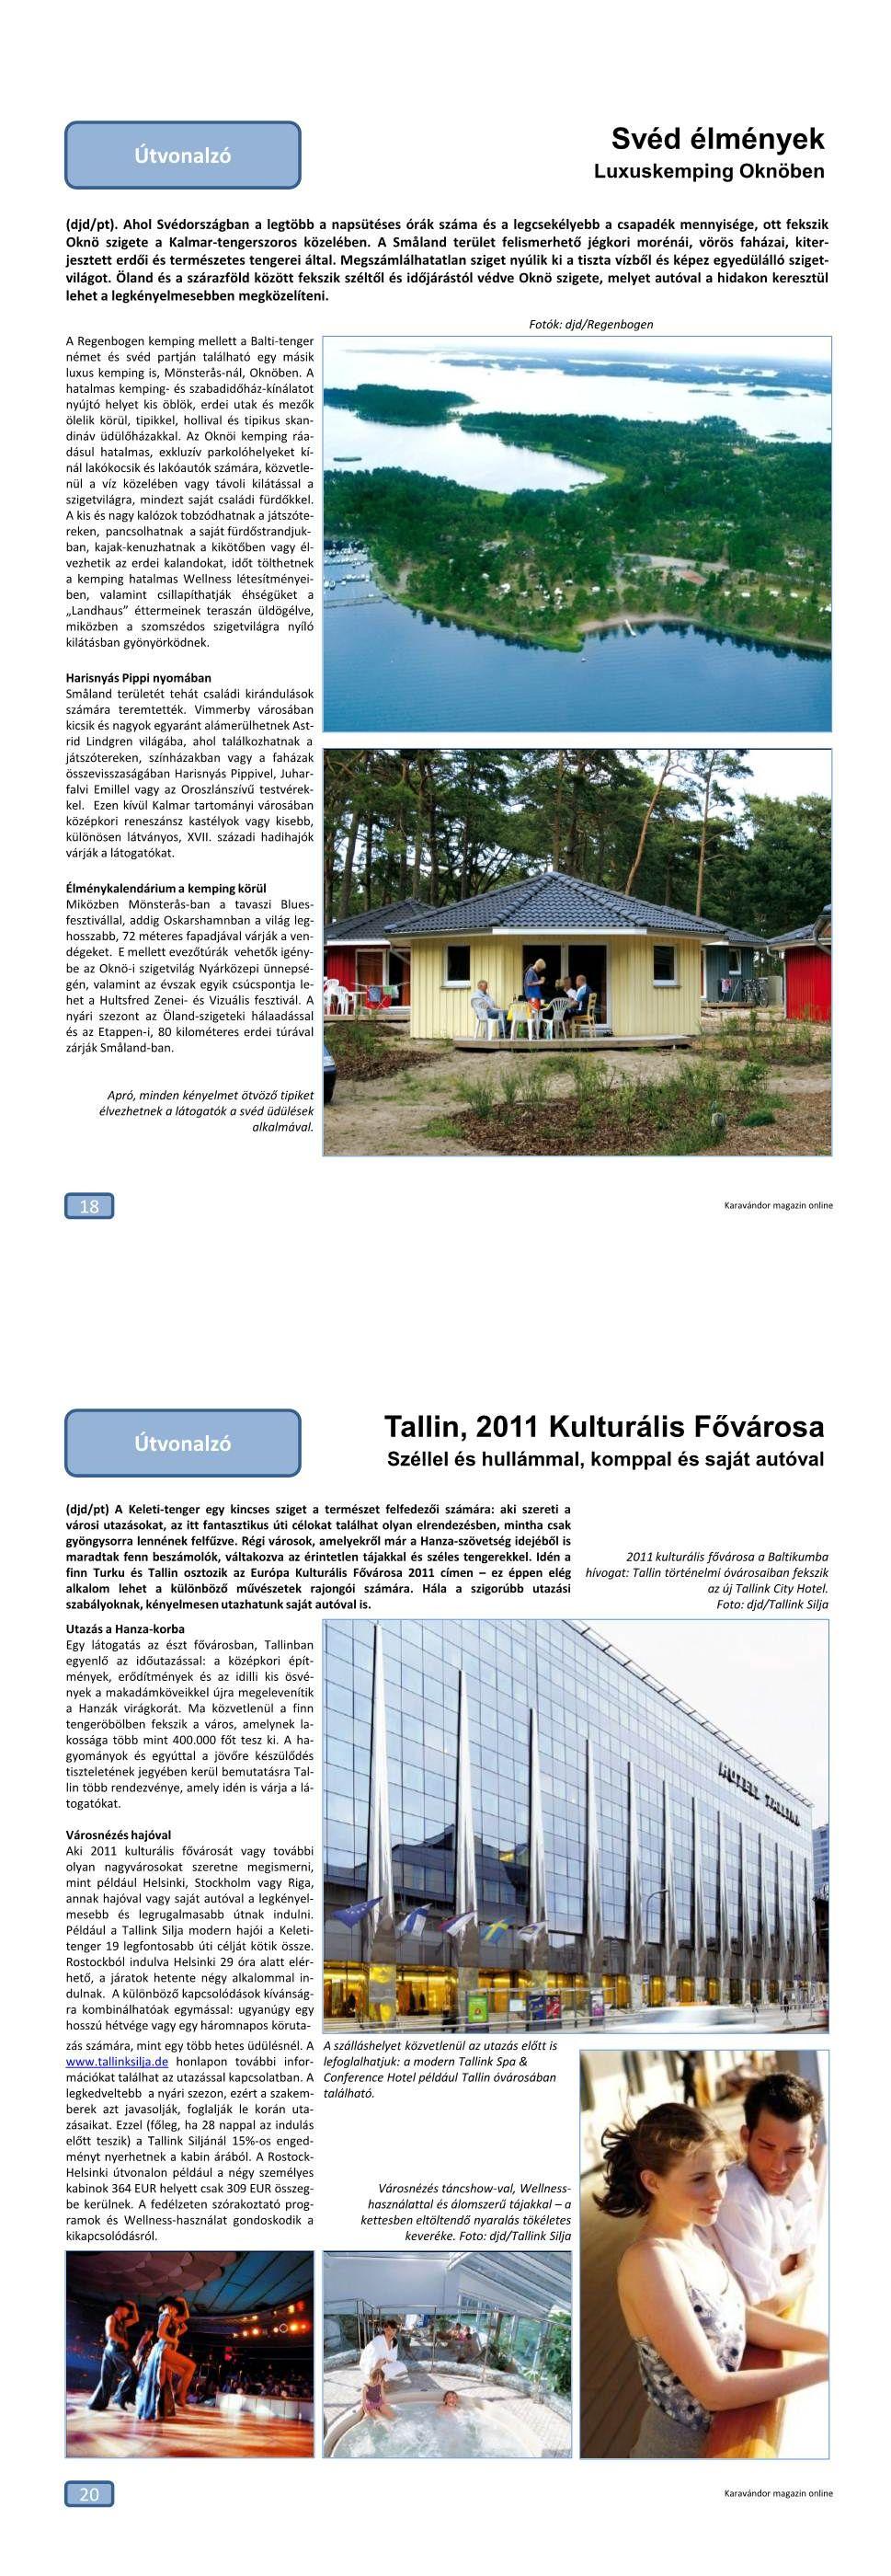 Útvonalzó - Luxuskemping Oknöben - Tallin, Európa kulturális fővárosa 2011-ben